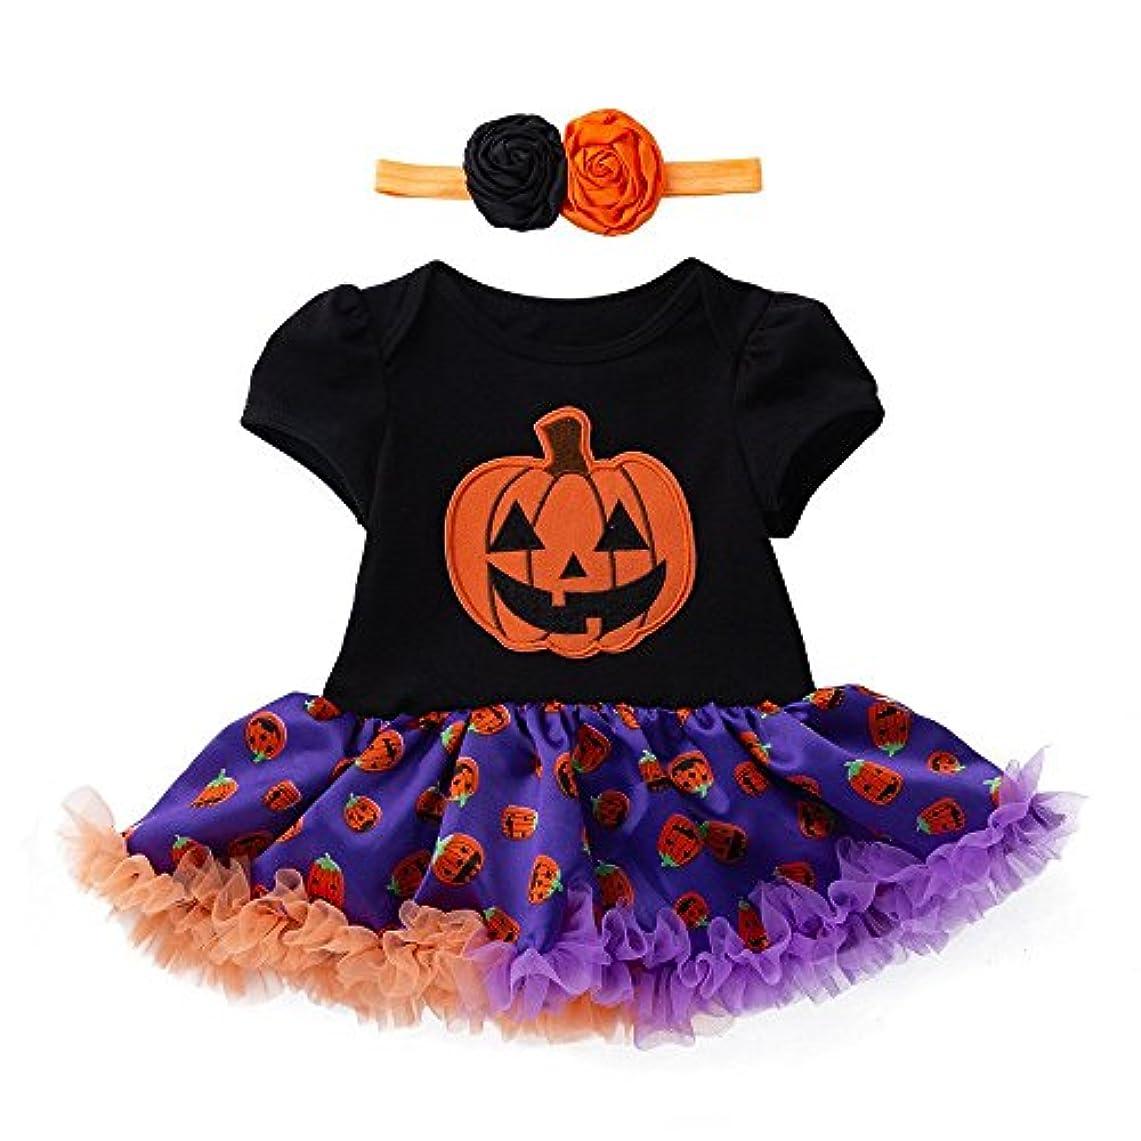 知覚盆マスタードBHKK 幼児の女の子かわいいパンプキンの弓のドレス+ヘッドバンドハロウィーンの装飾の服 3ヶ月 - 18ヶ月 イエロー2 3ヶ月